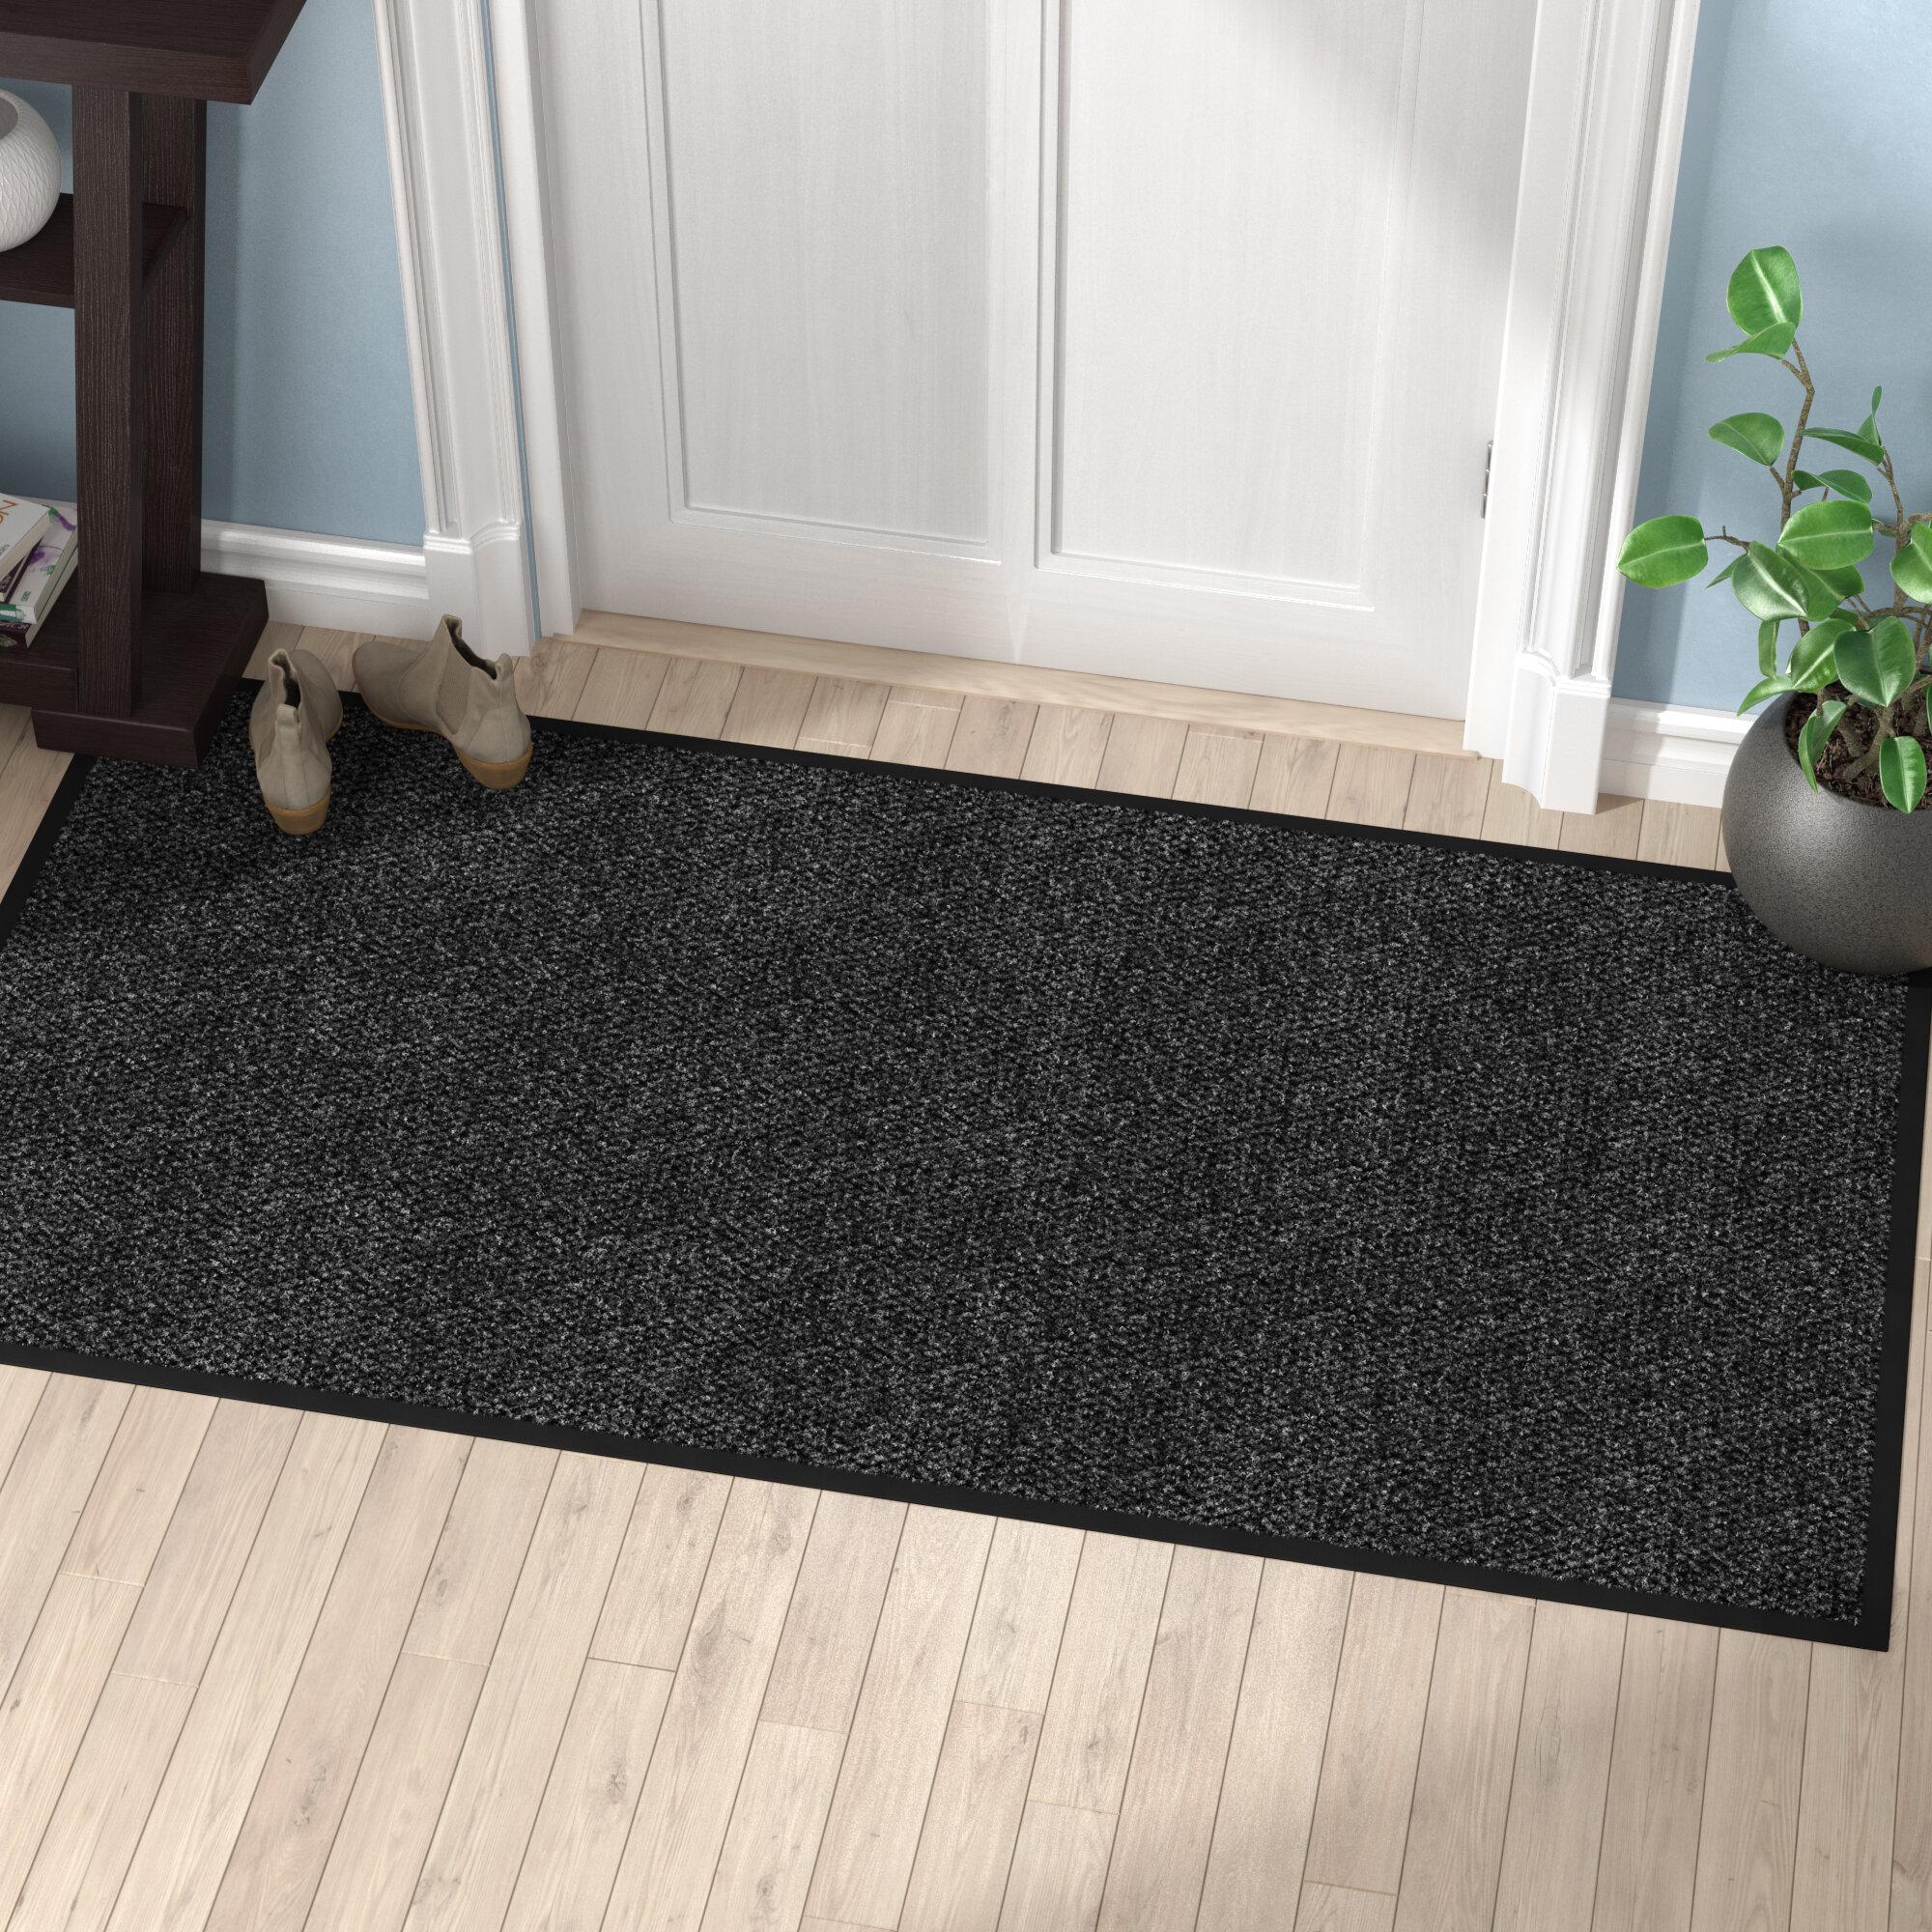 Symple Stuff Polynib Solid Indoor Only Door Mat Reviews Wayfair